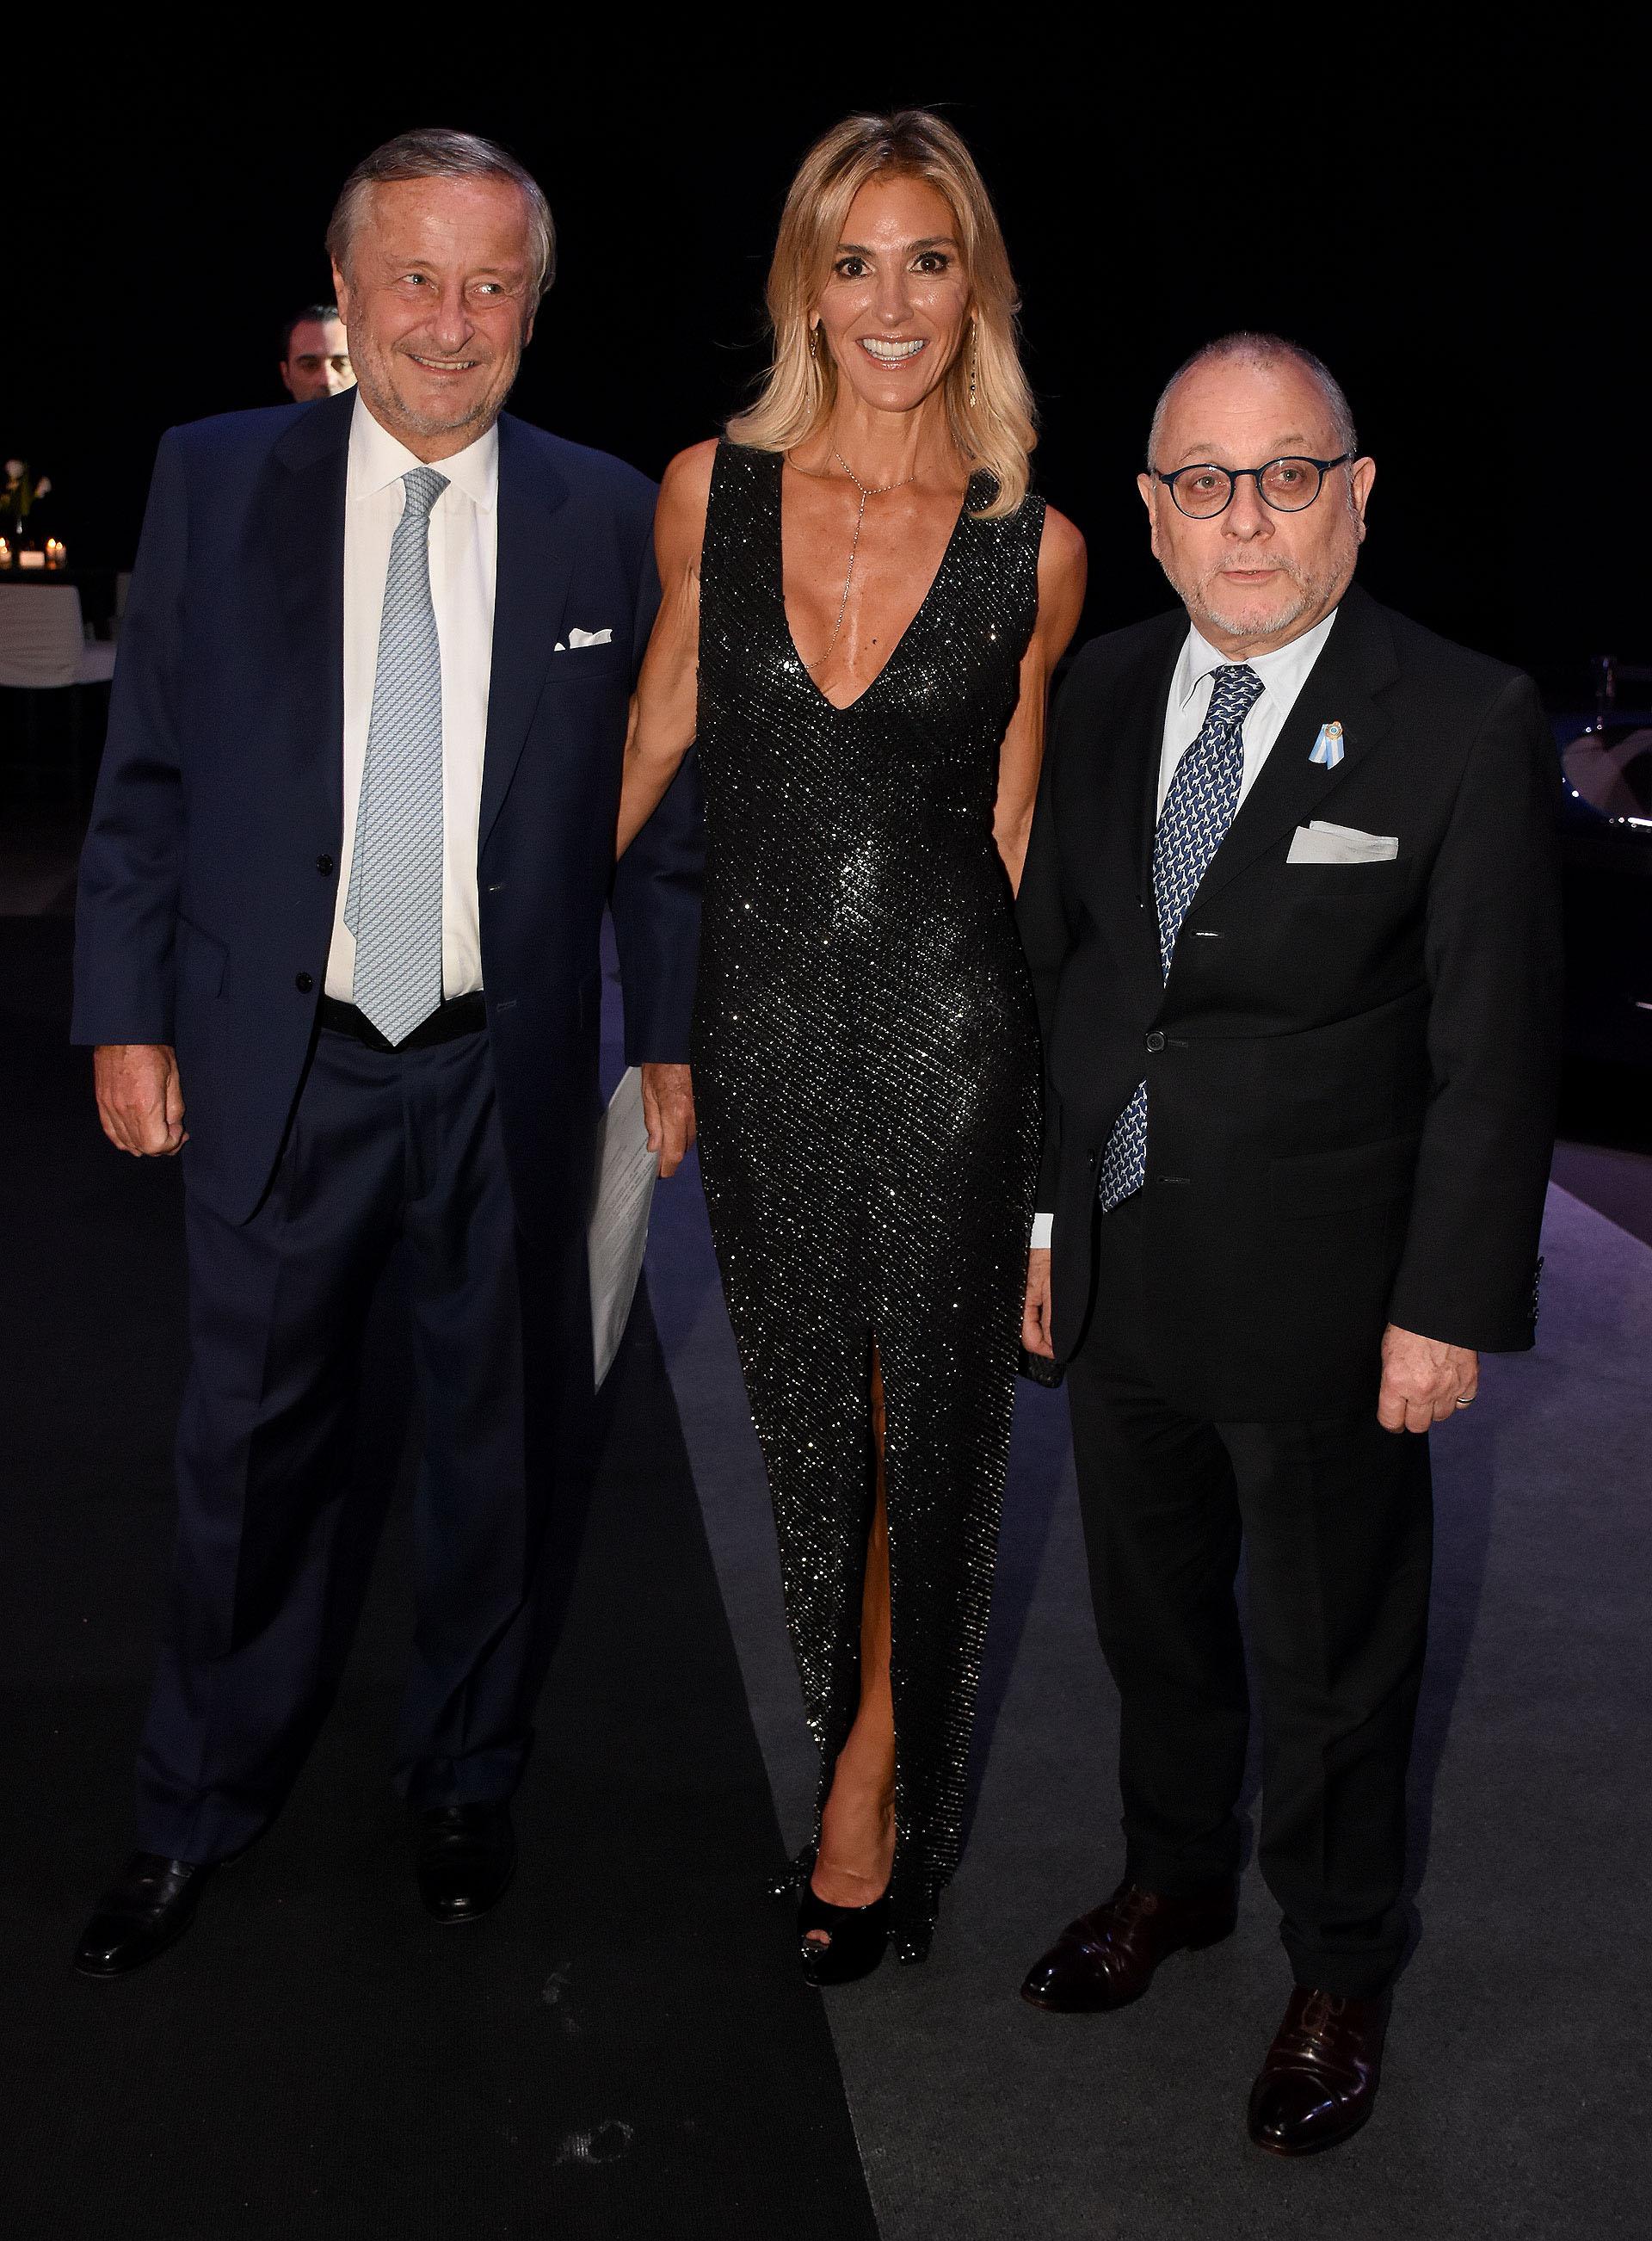 Cristiano Rattazzi, Gabriela Castellani y el Canciller Jorge Faurie